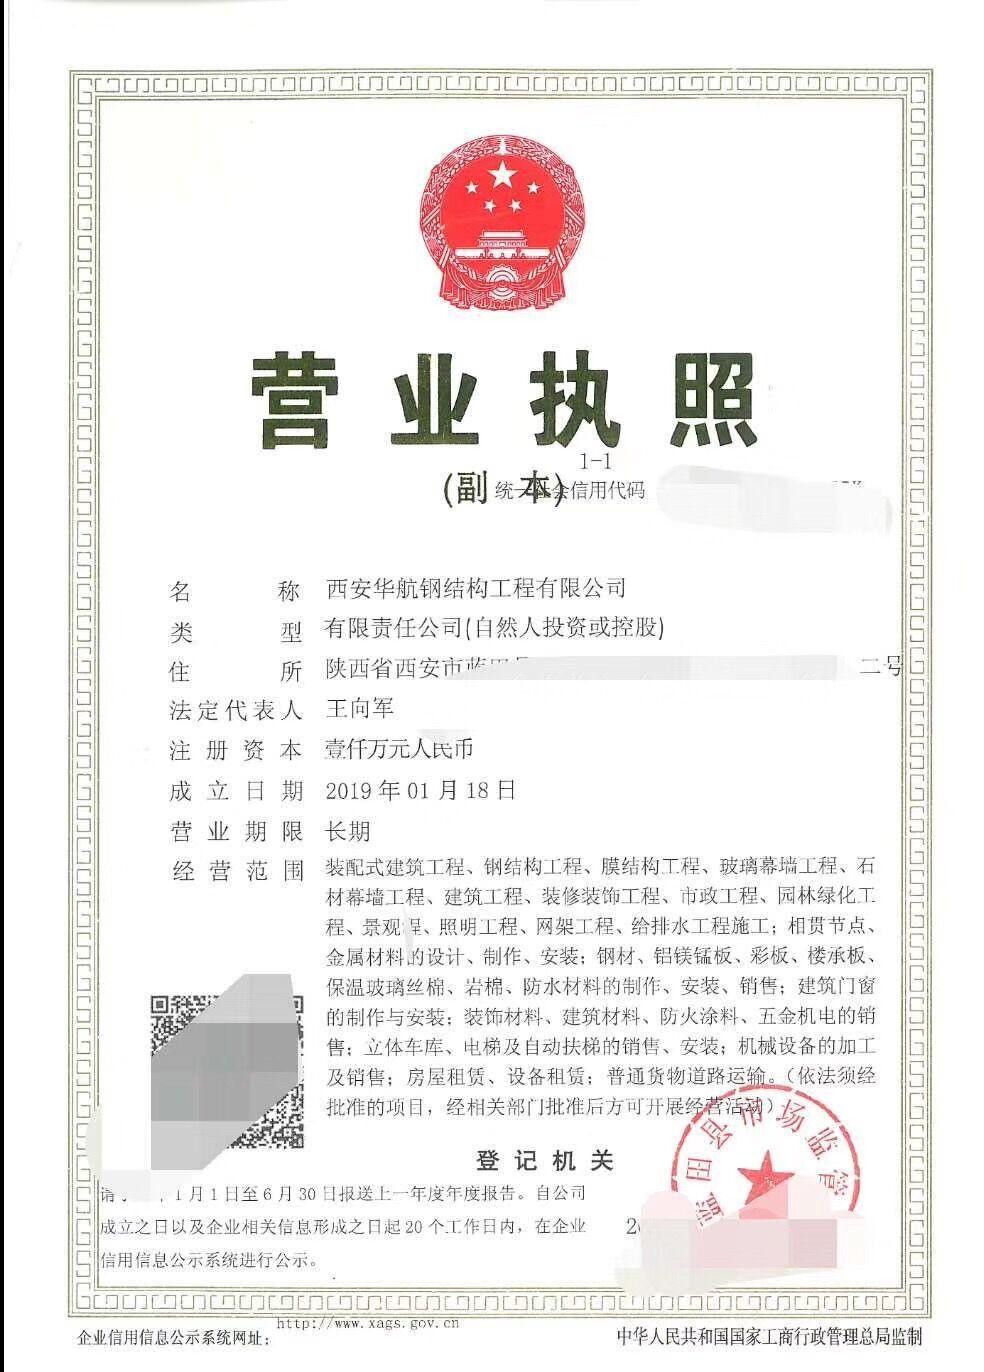 华航钢结构营业执照